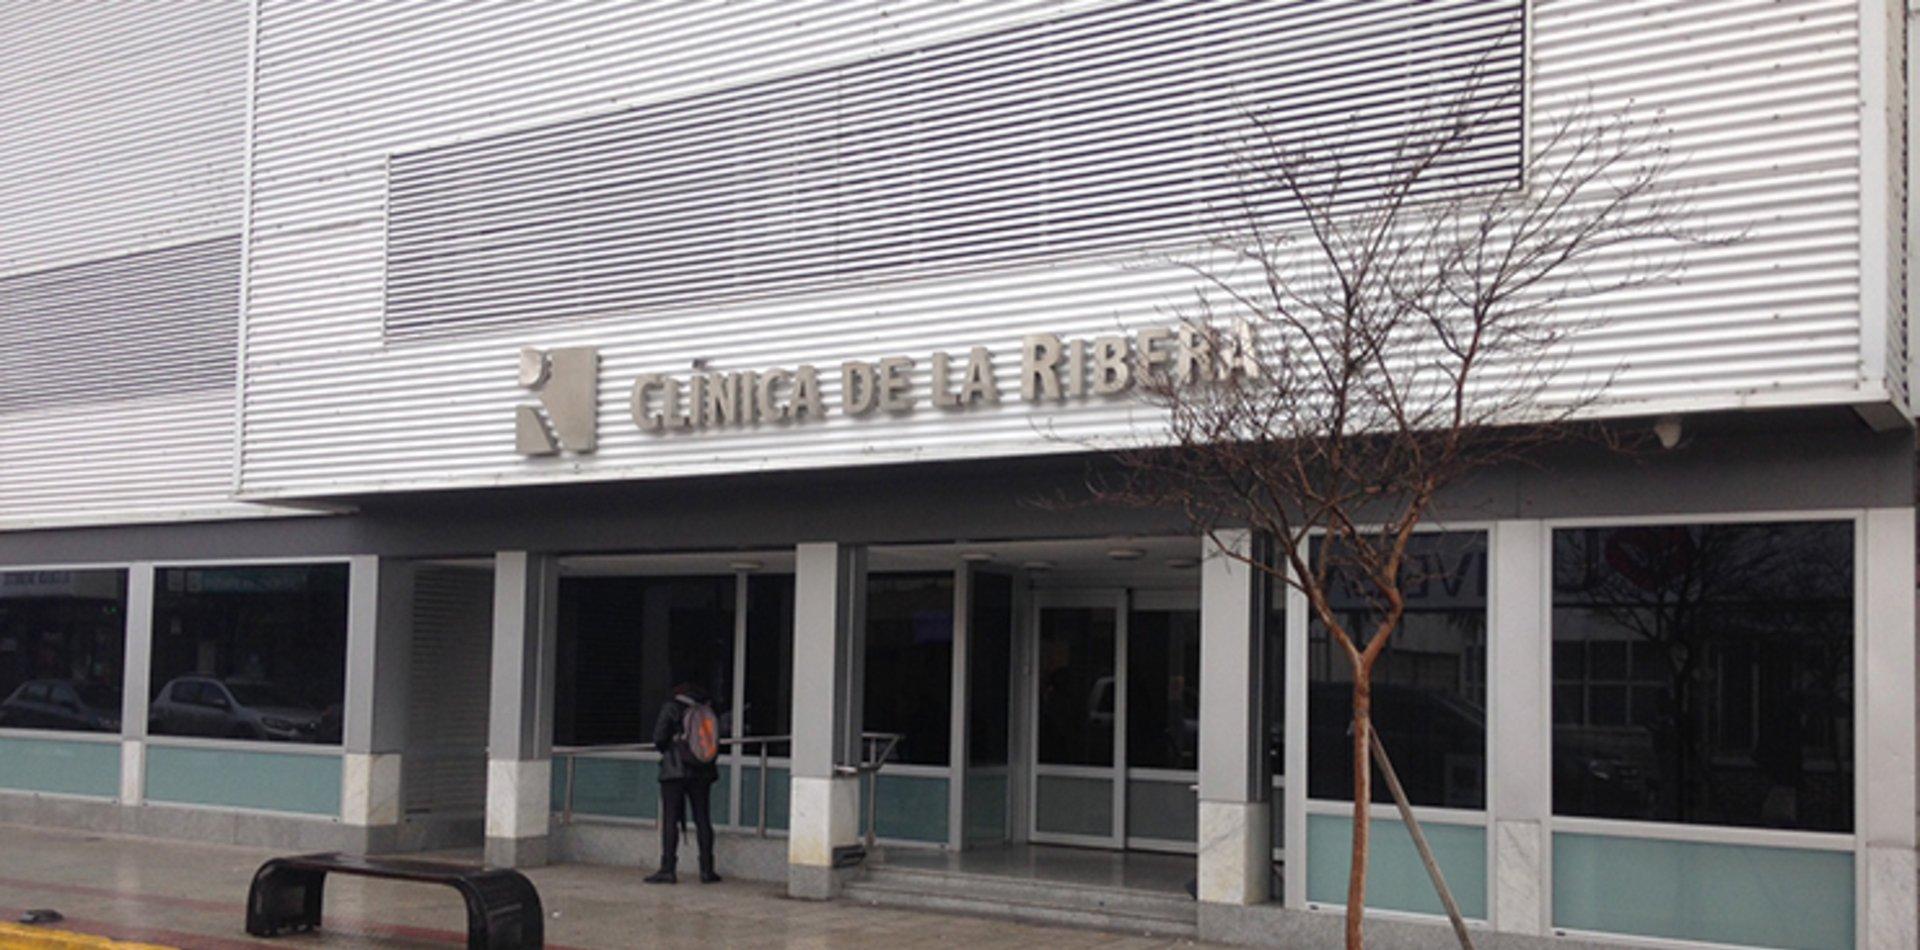 Sin título ni matrícula: grave denuncia contra una obstetra trucha de Ensenada